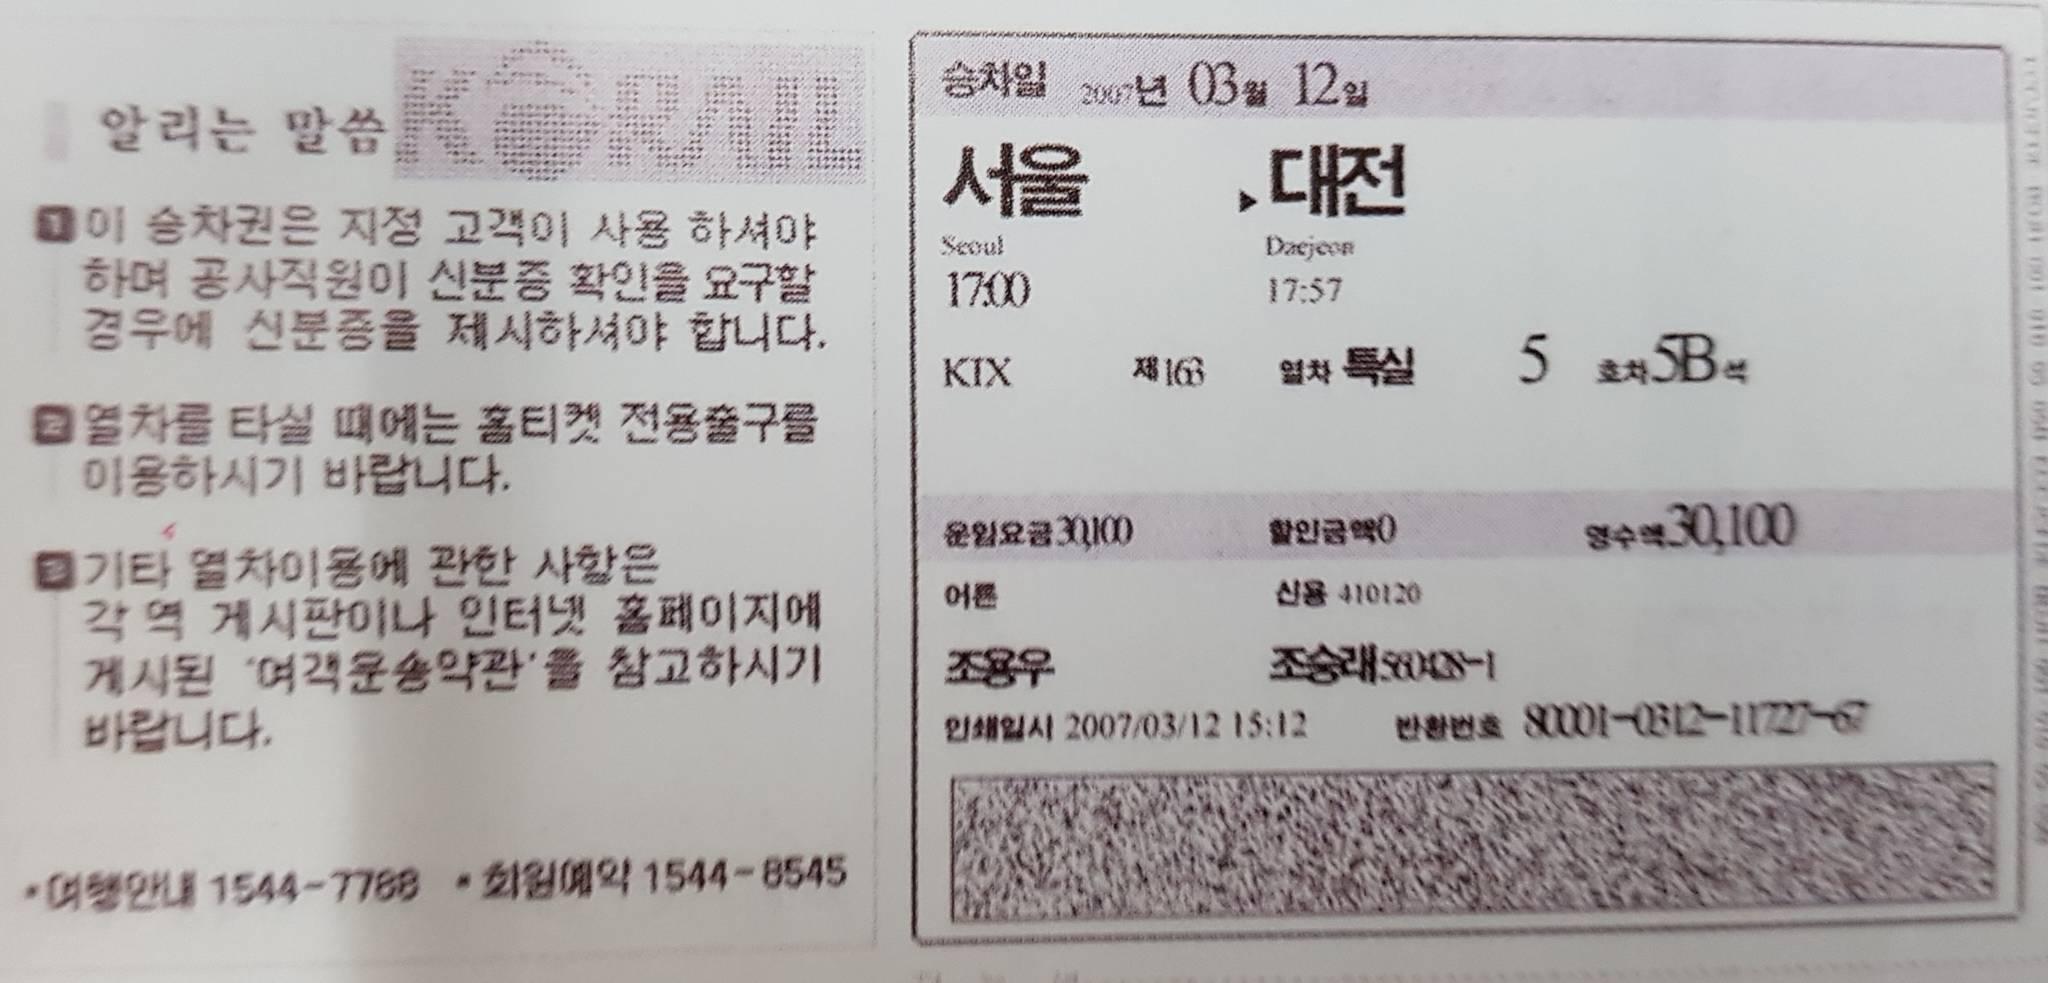 집에서 컴퓨터와 프린터를 이용해 예매하고 출력한 기차표. [사진 코레일]